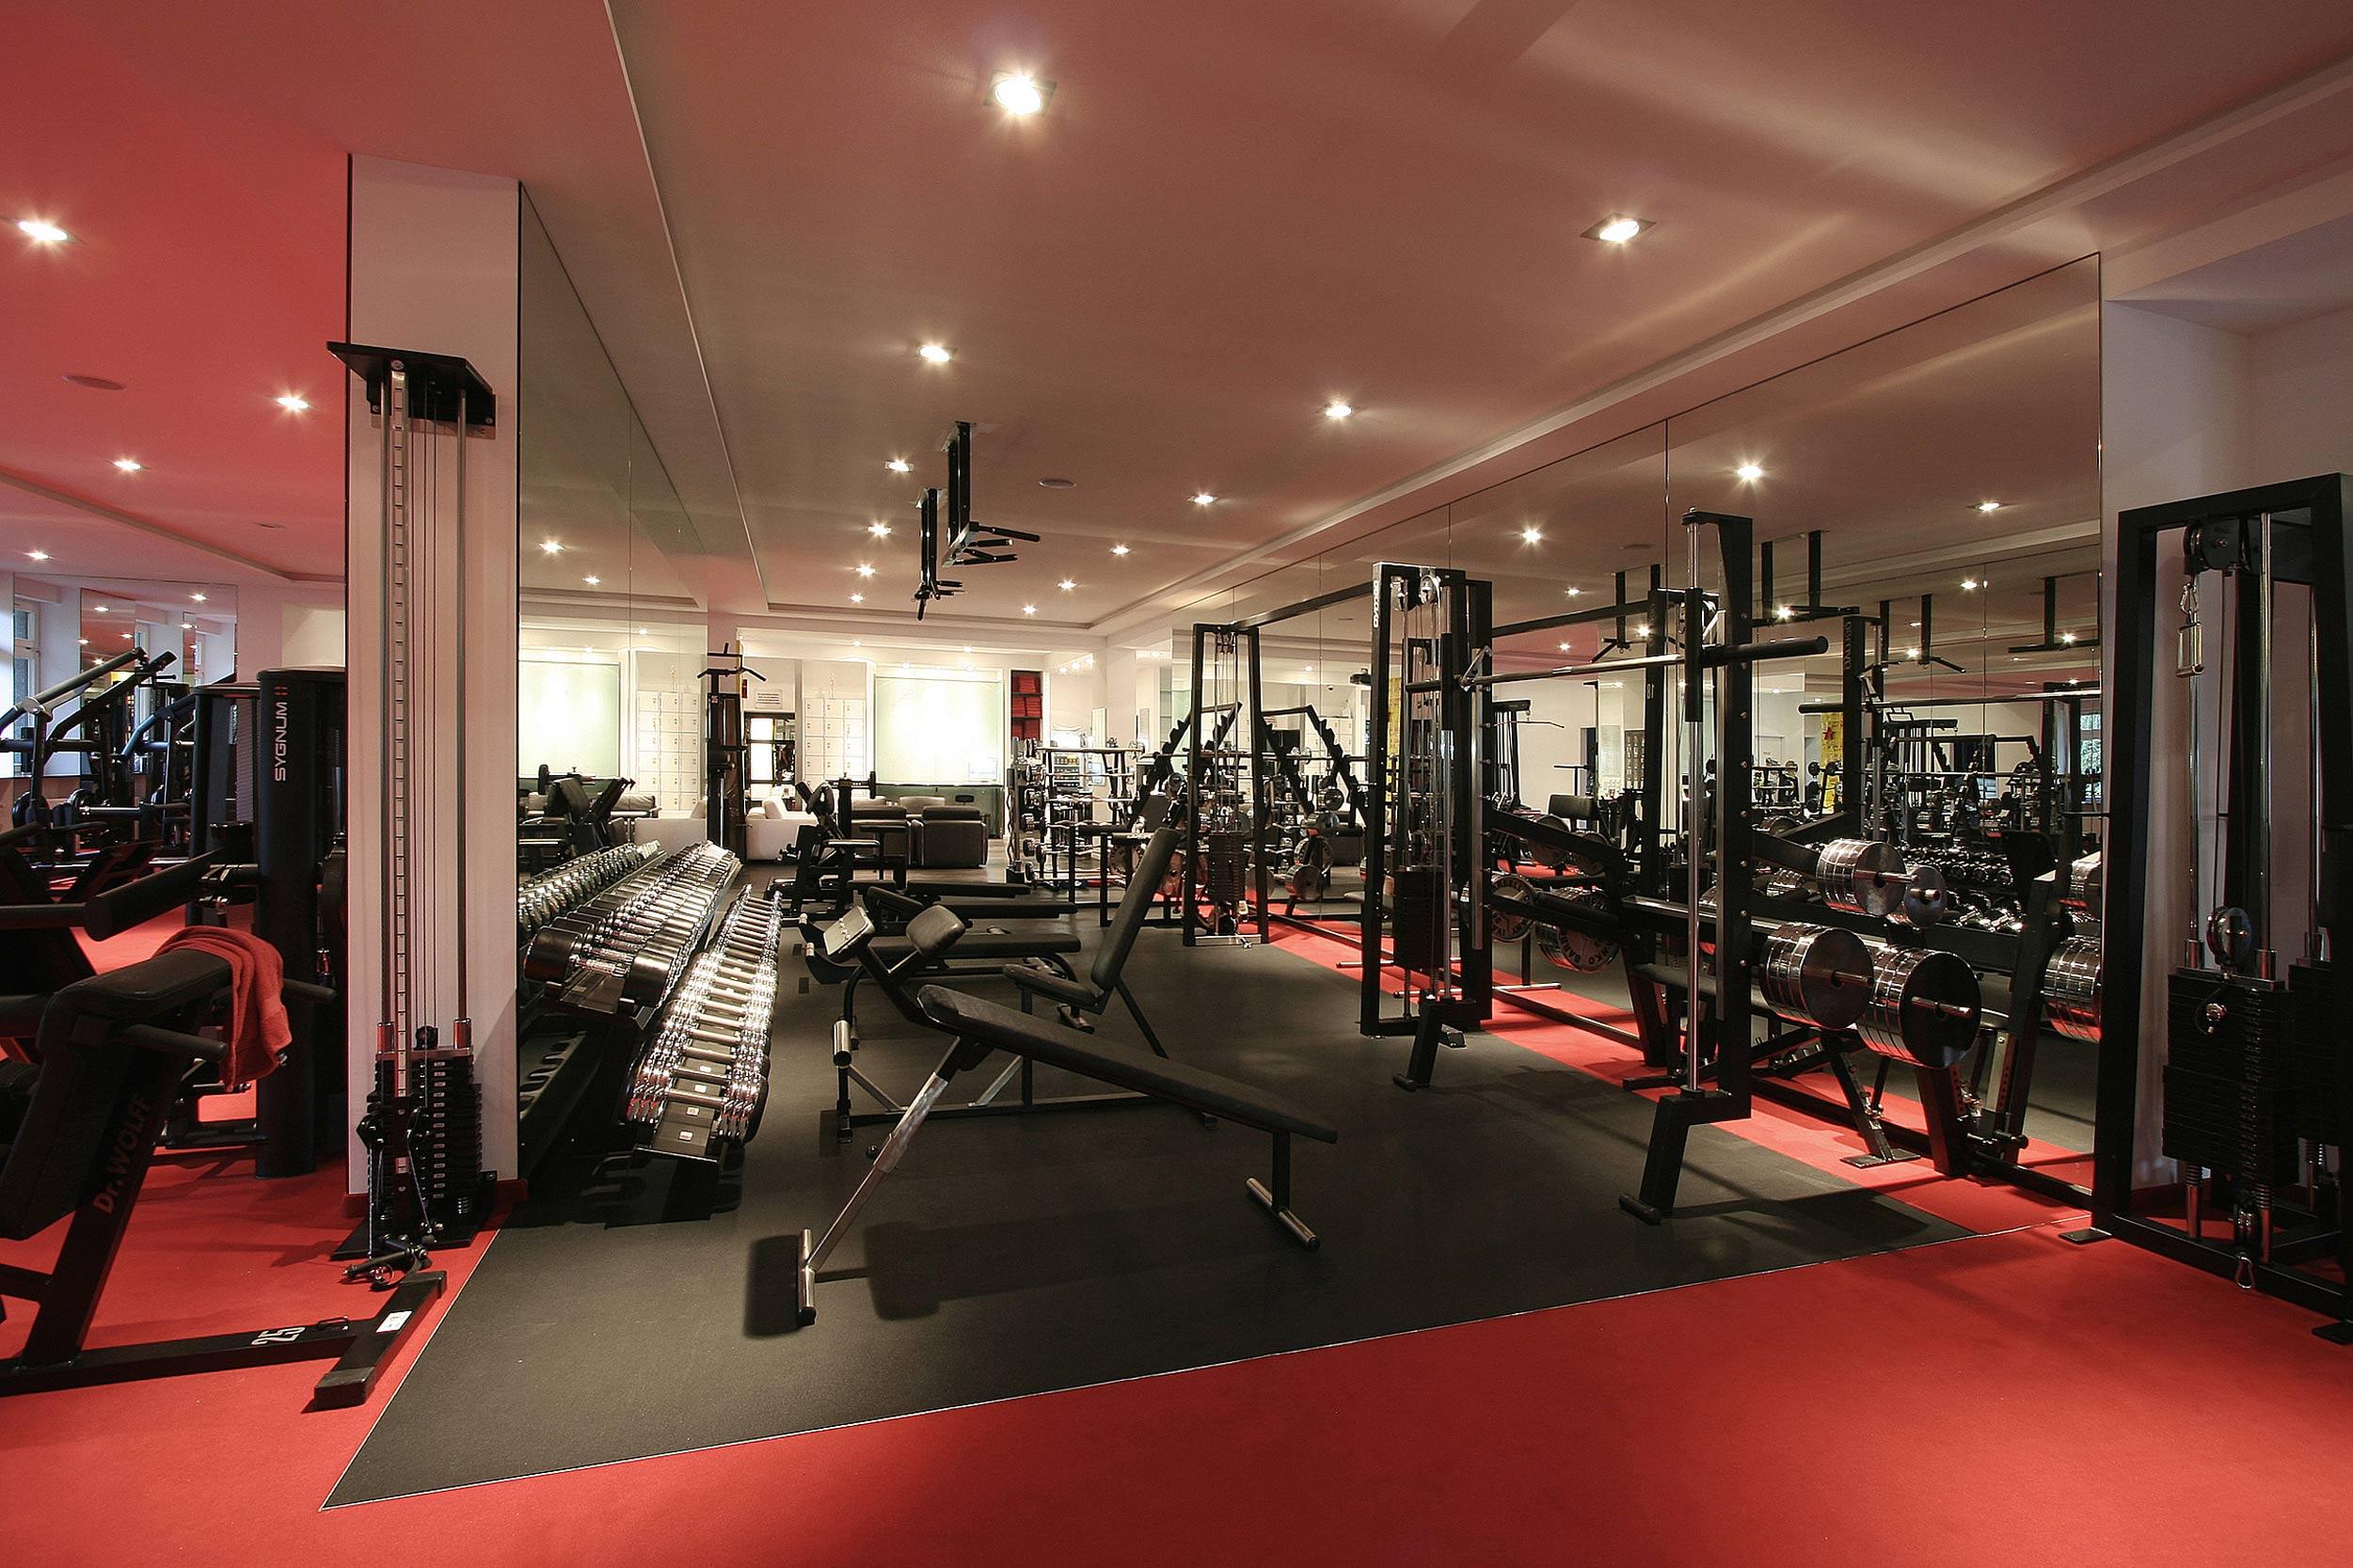 Das Design des Clubs gewährleistet optimal abgestimmte Trainingsbedingungen.